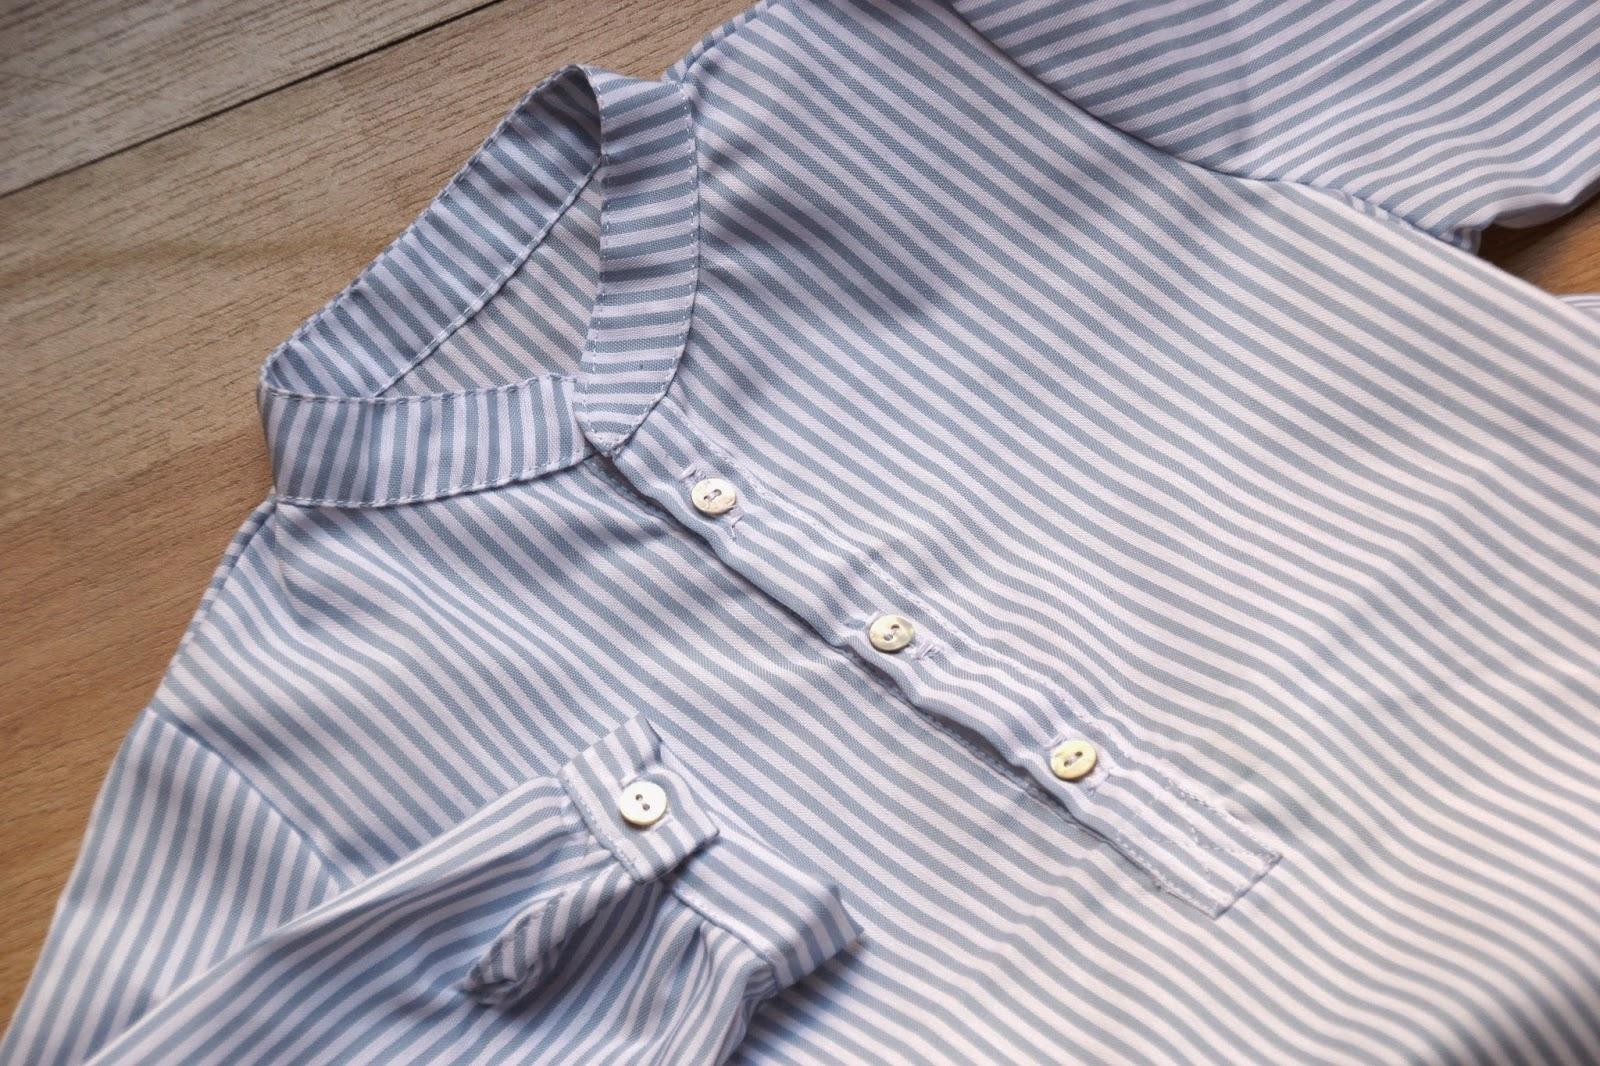 DIY Cómo hacer camisa-body para bebé (patrones gratis) - Handbox ...